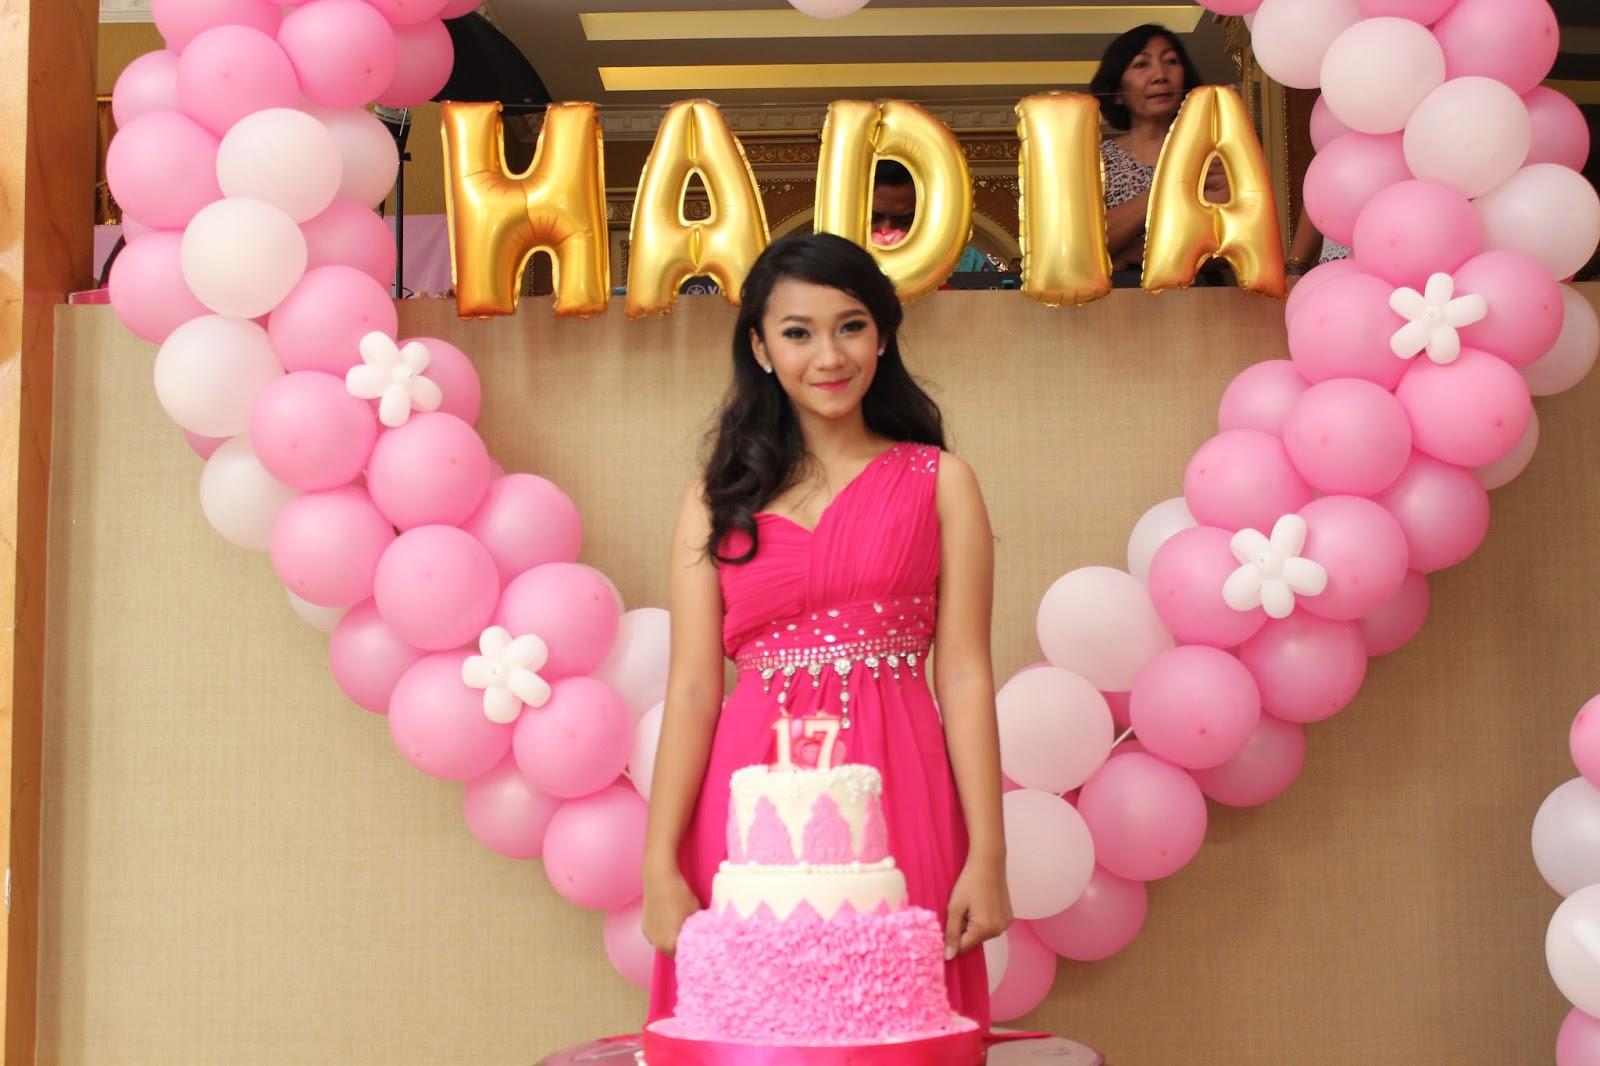 Ulang Tahun Ke 17 Nadia Cindy Exo Entertainment Pesta ulang tahun ke 17